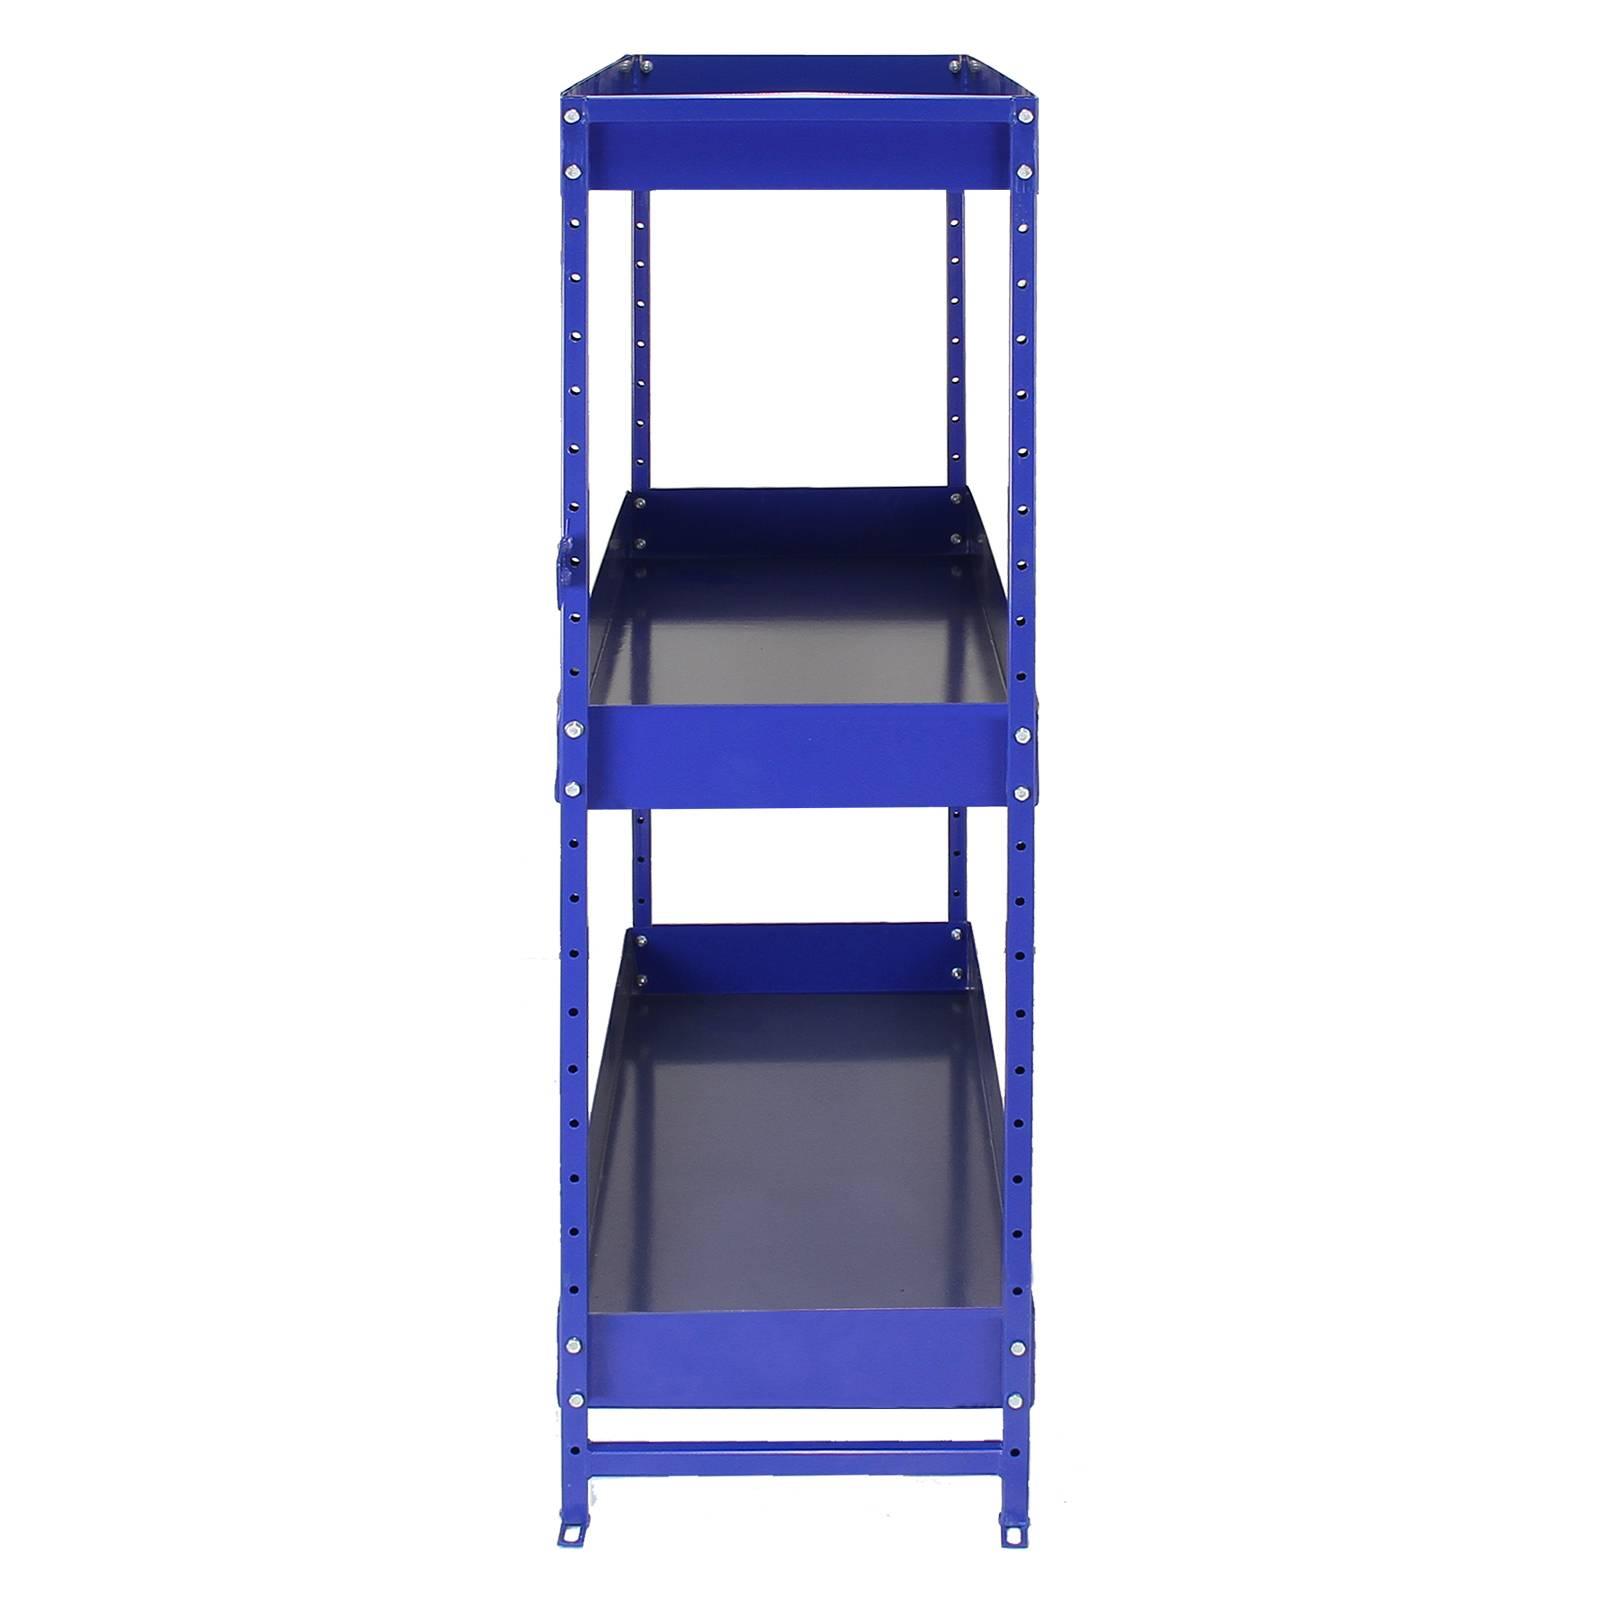 van racking metal shelving system tool storage shelves. Black Bedroom Furniture Sets. Home Design Ideas